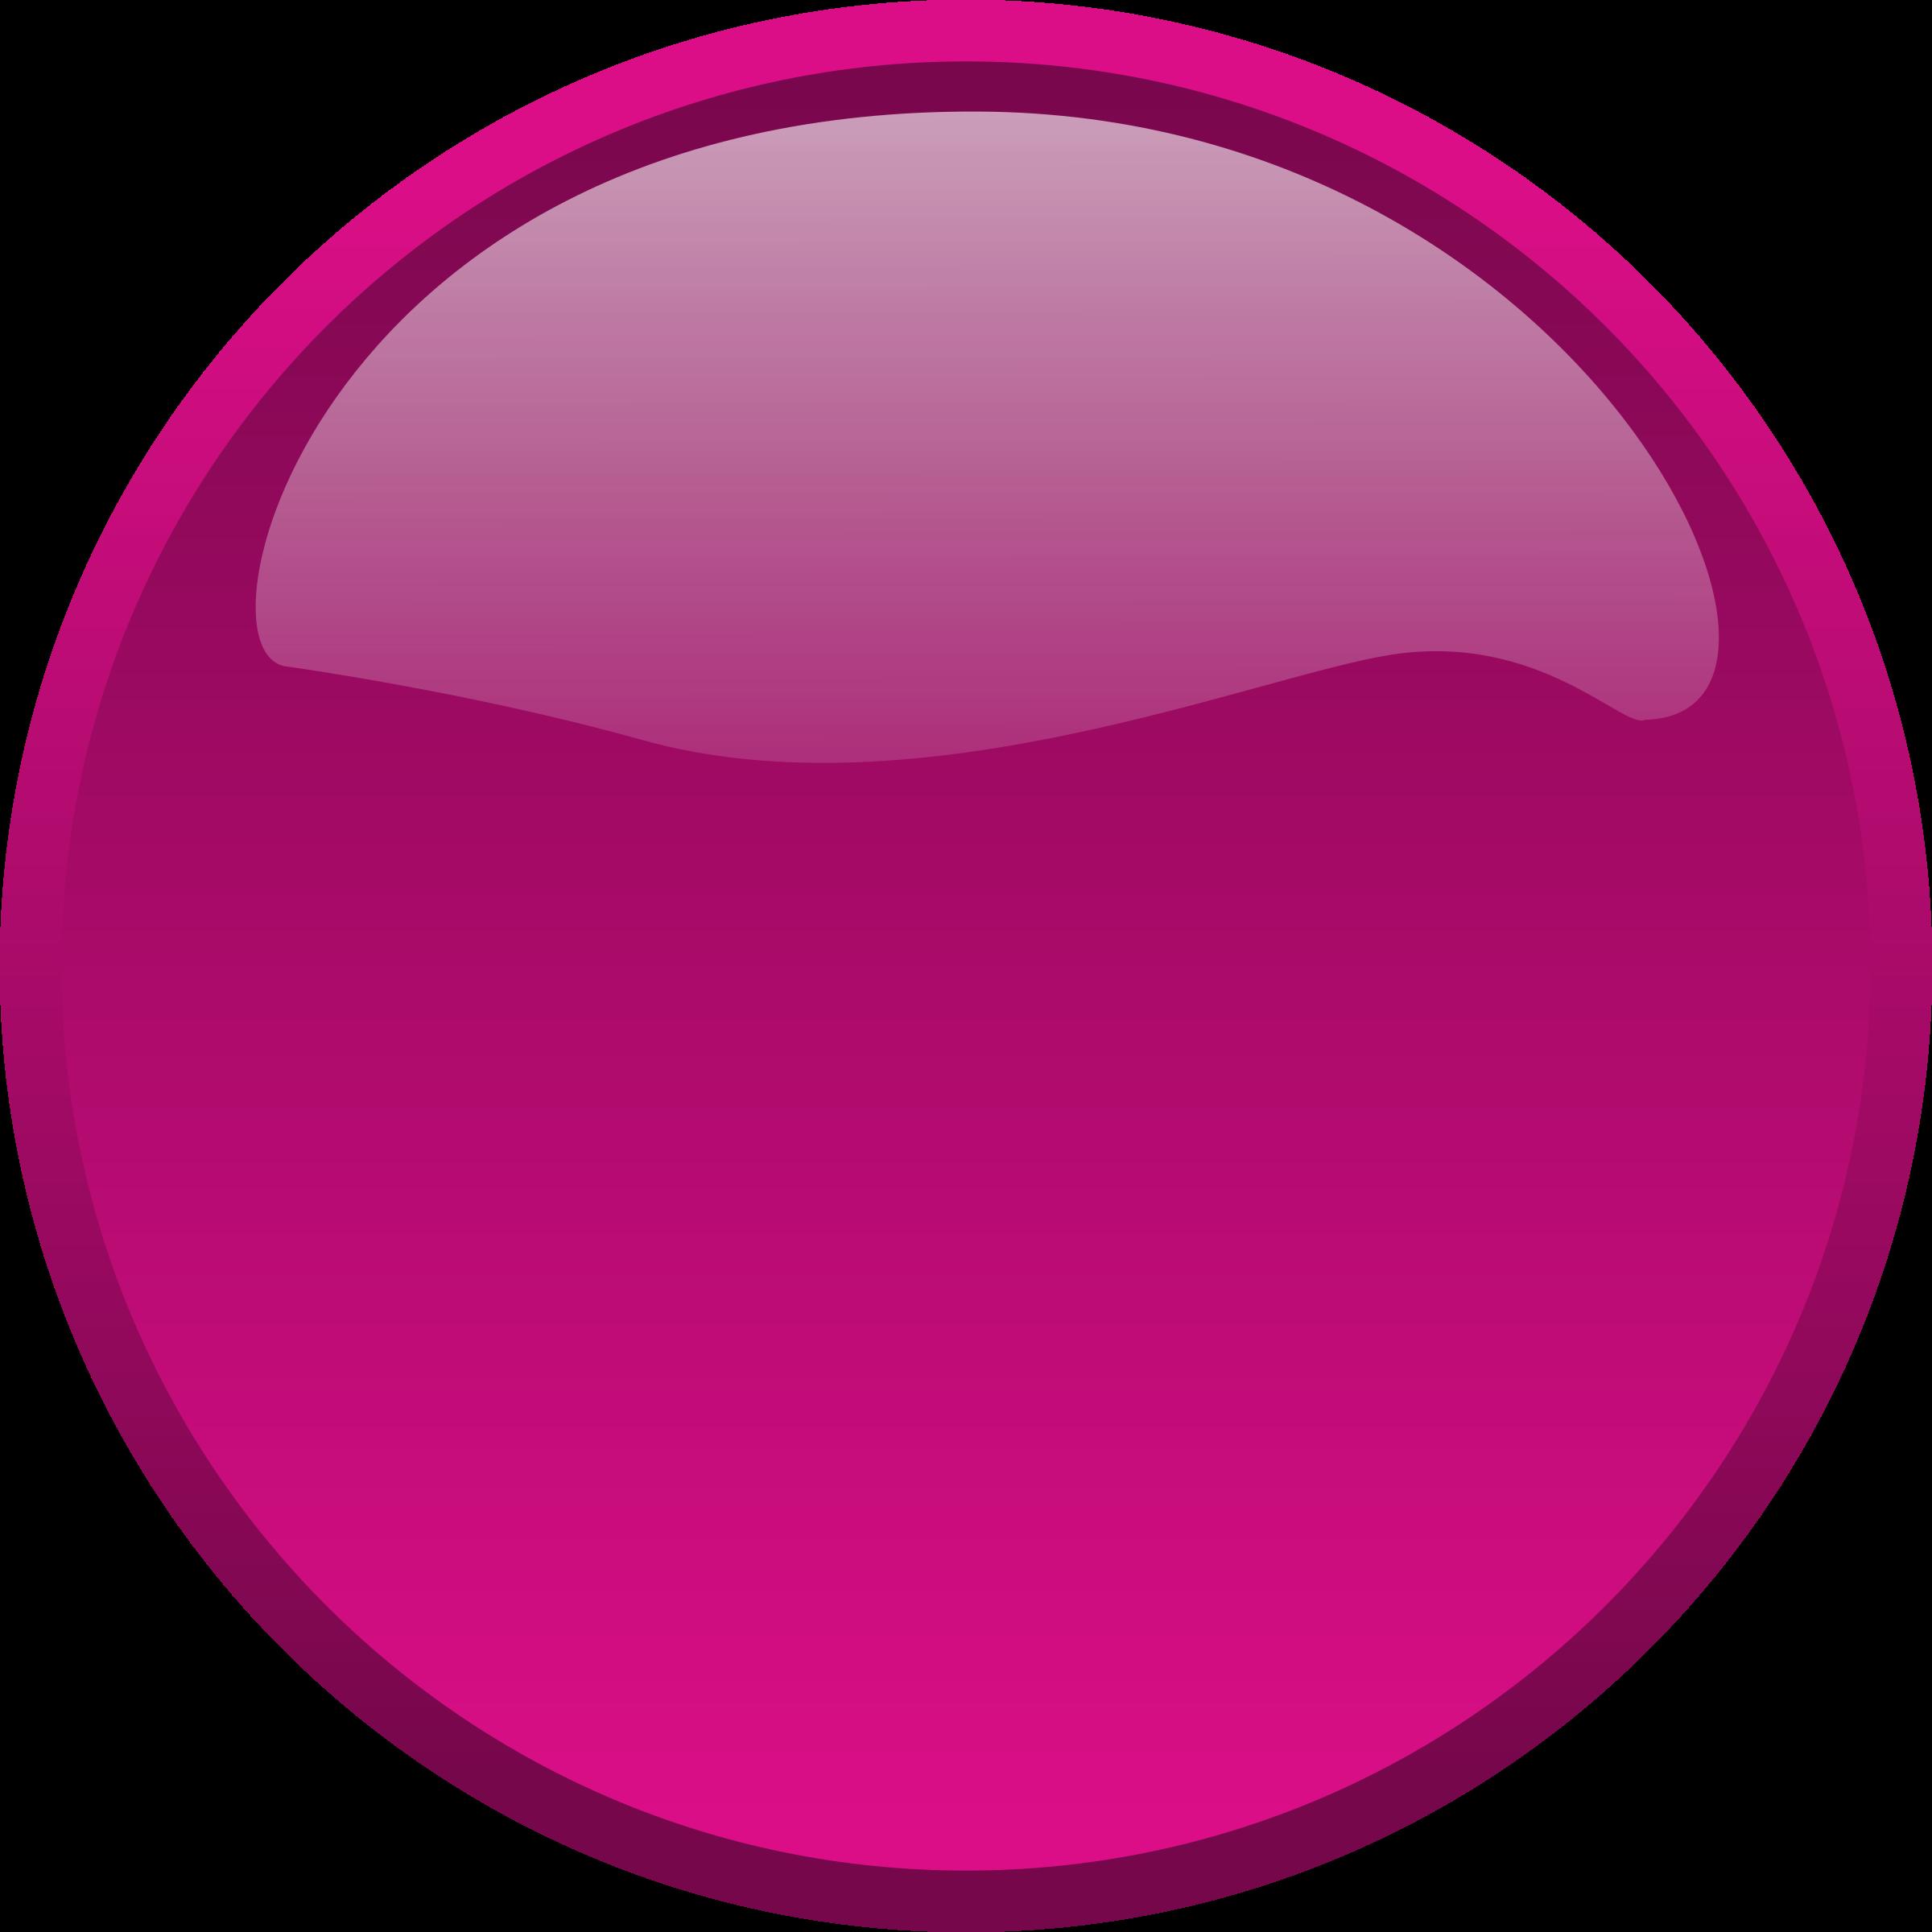 Big image png. Button clipart purple button